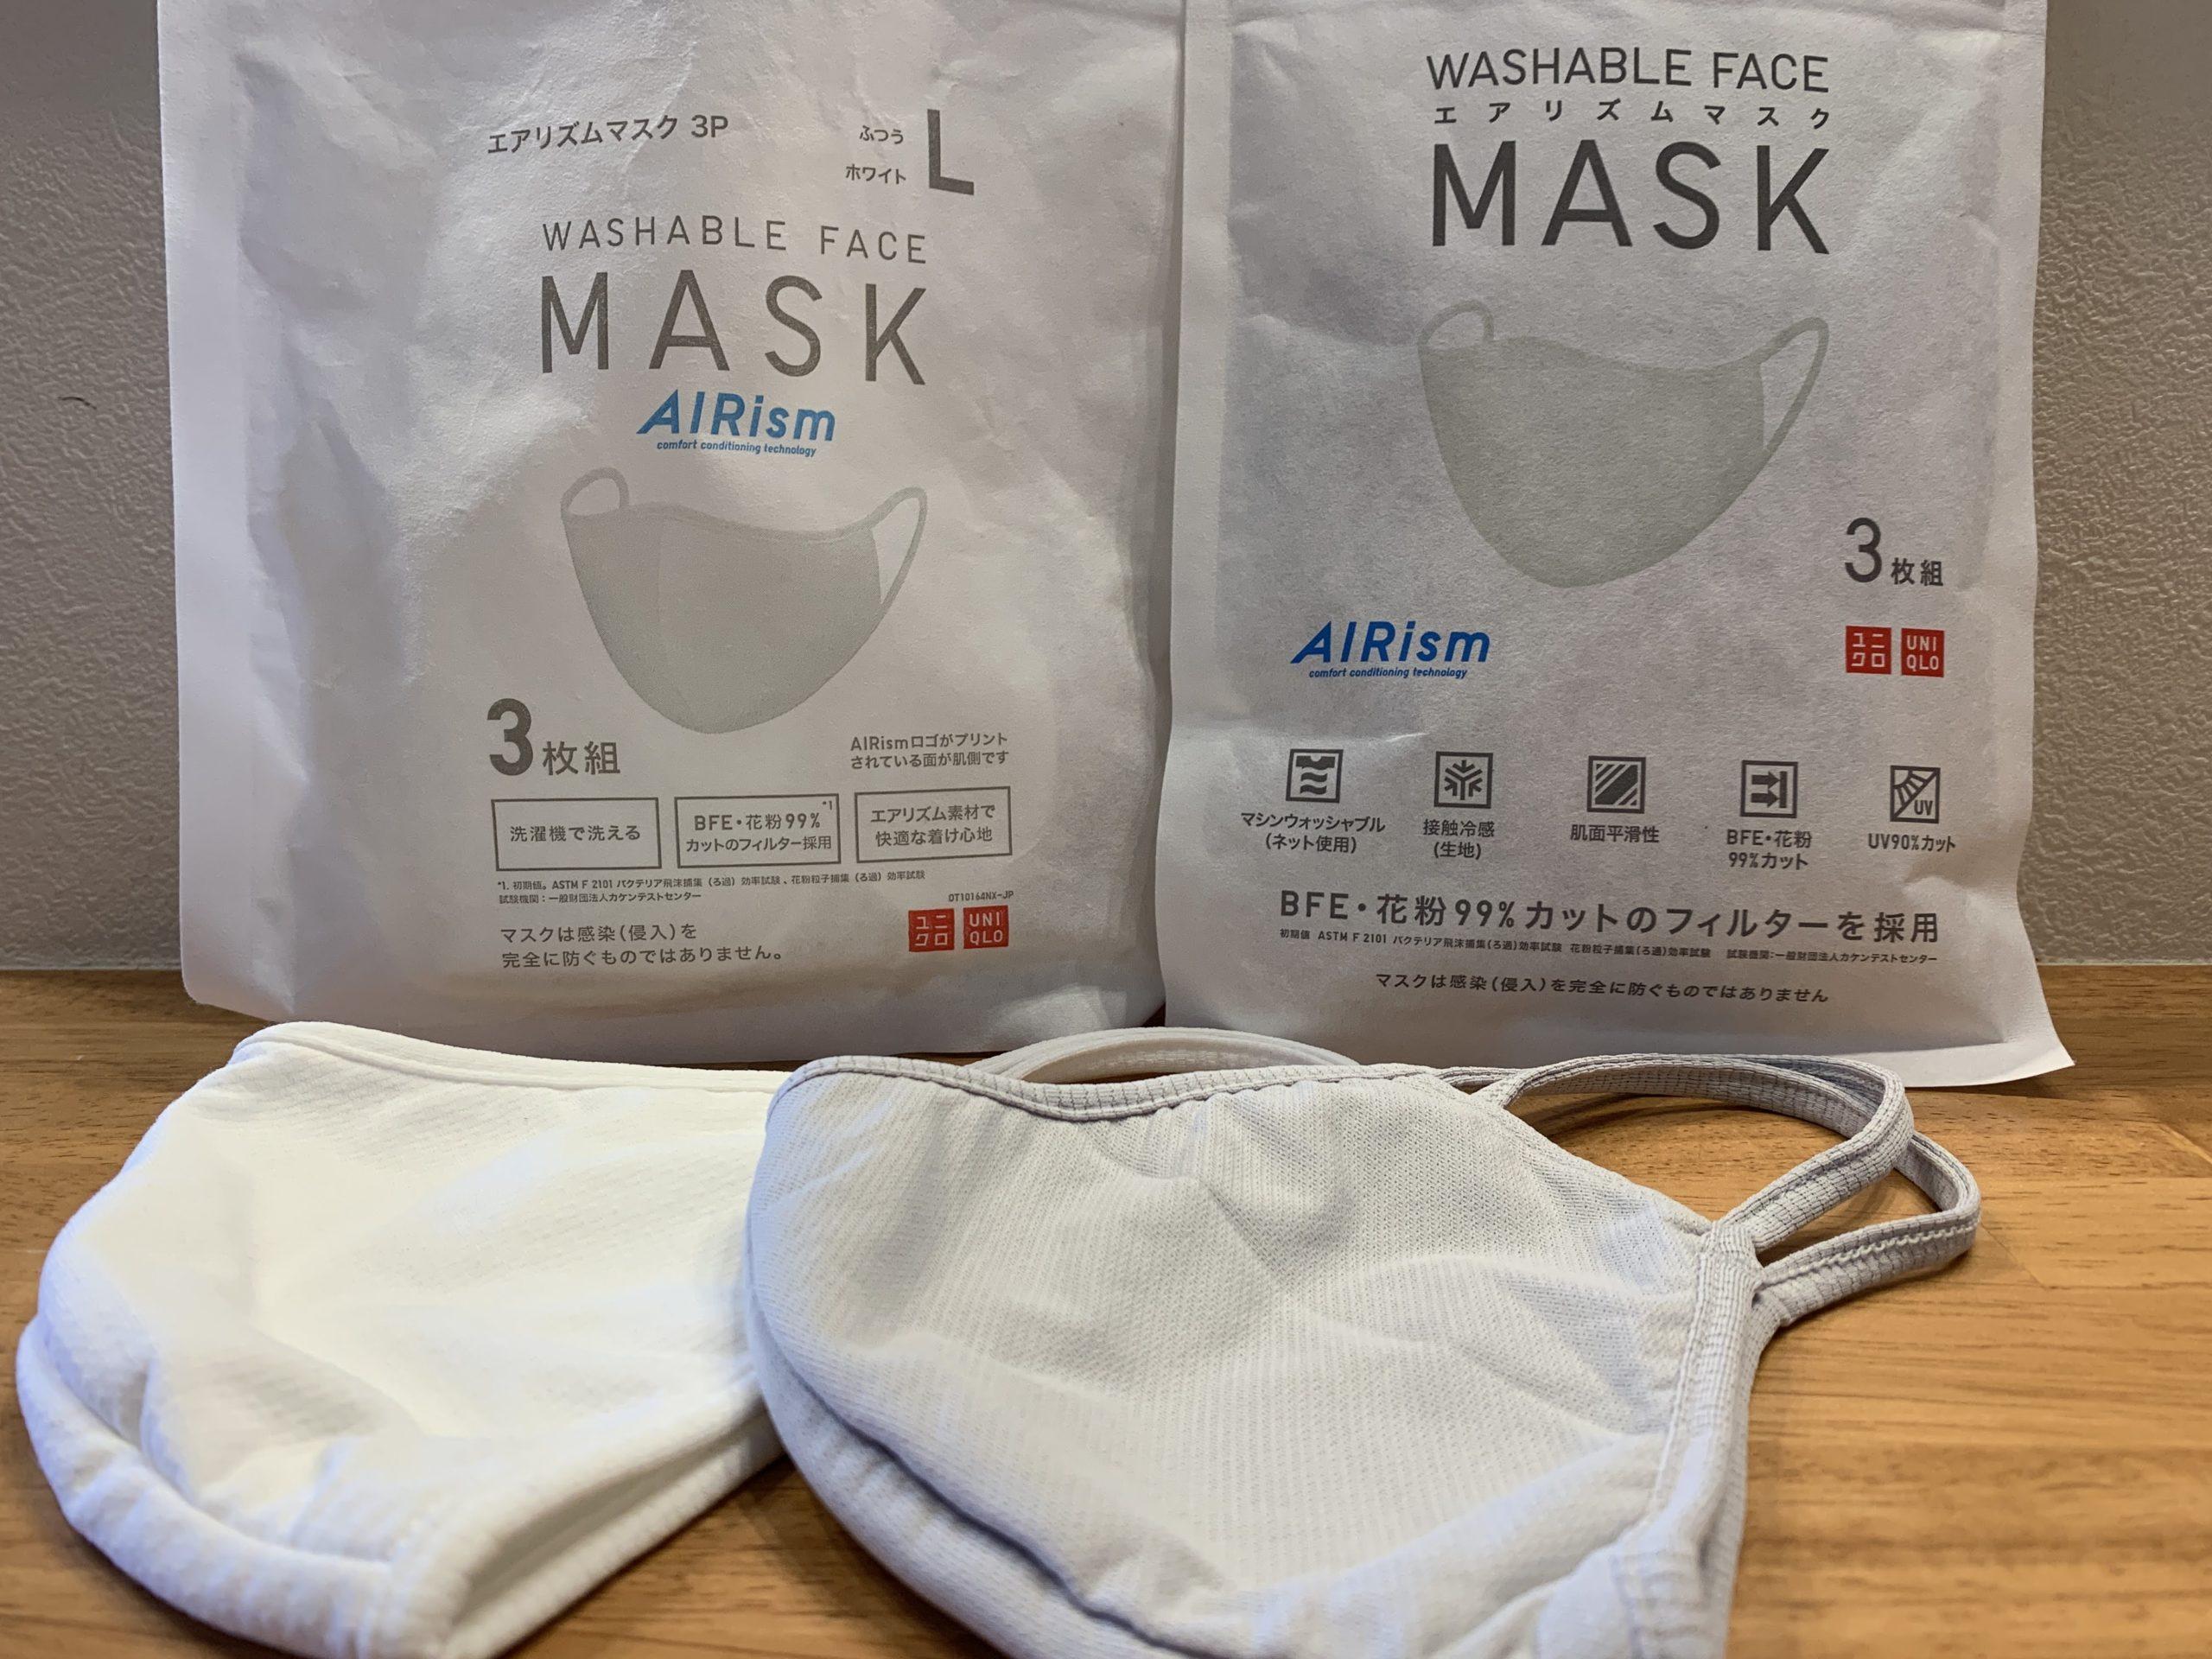 ユニクロエアリズムマスク新旧比較:新しいのは通気性が良い?